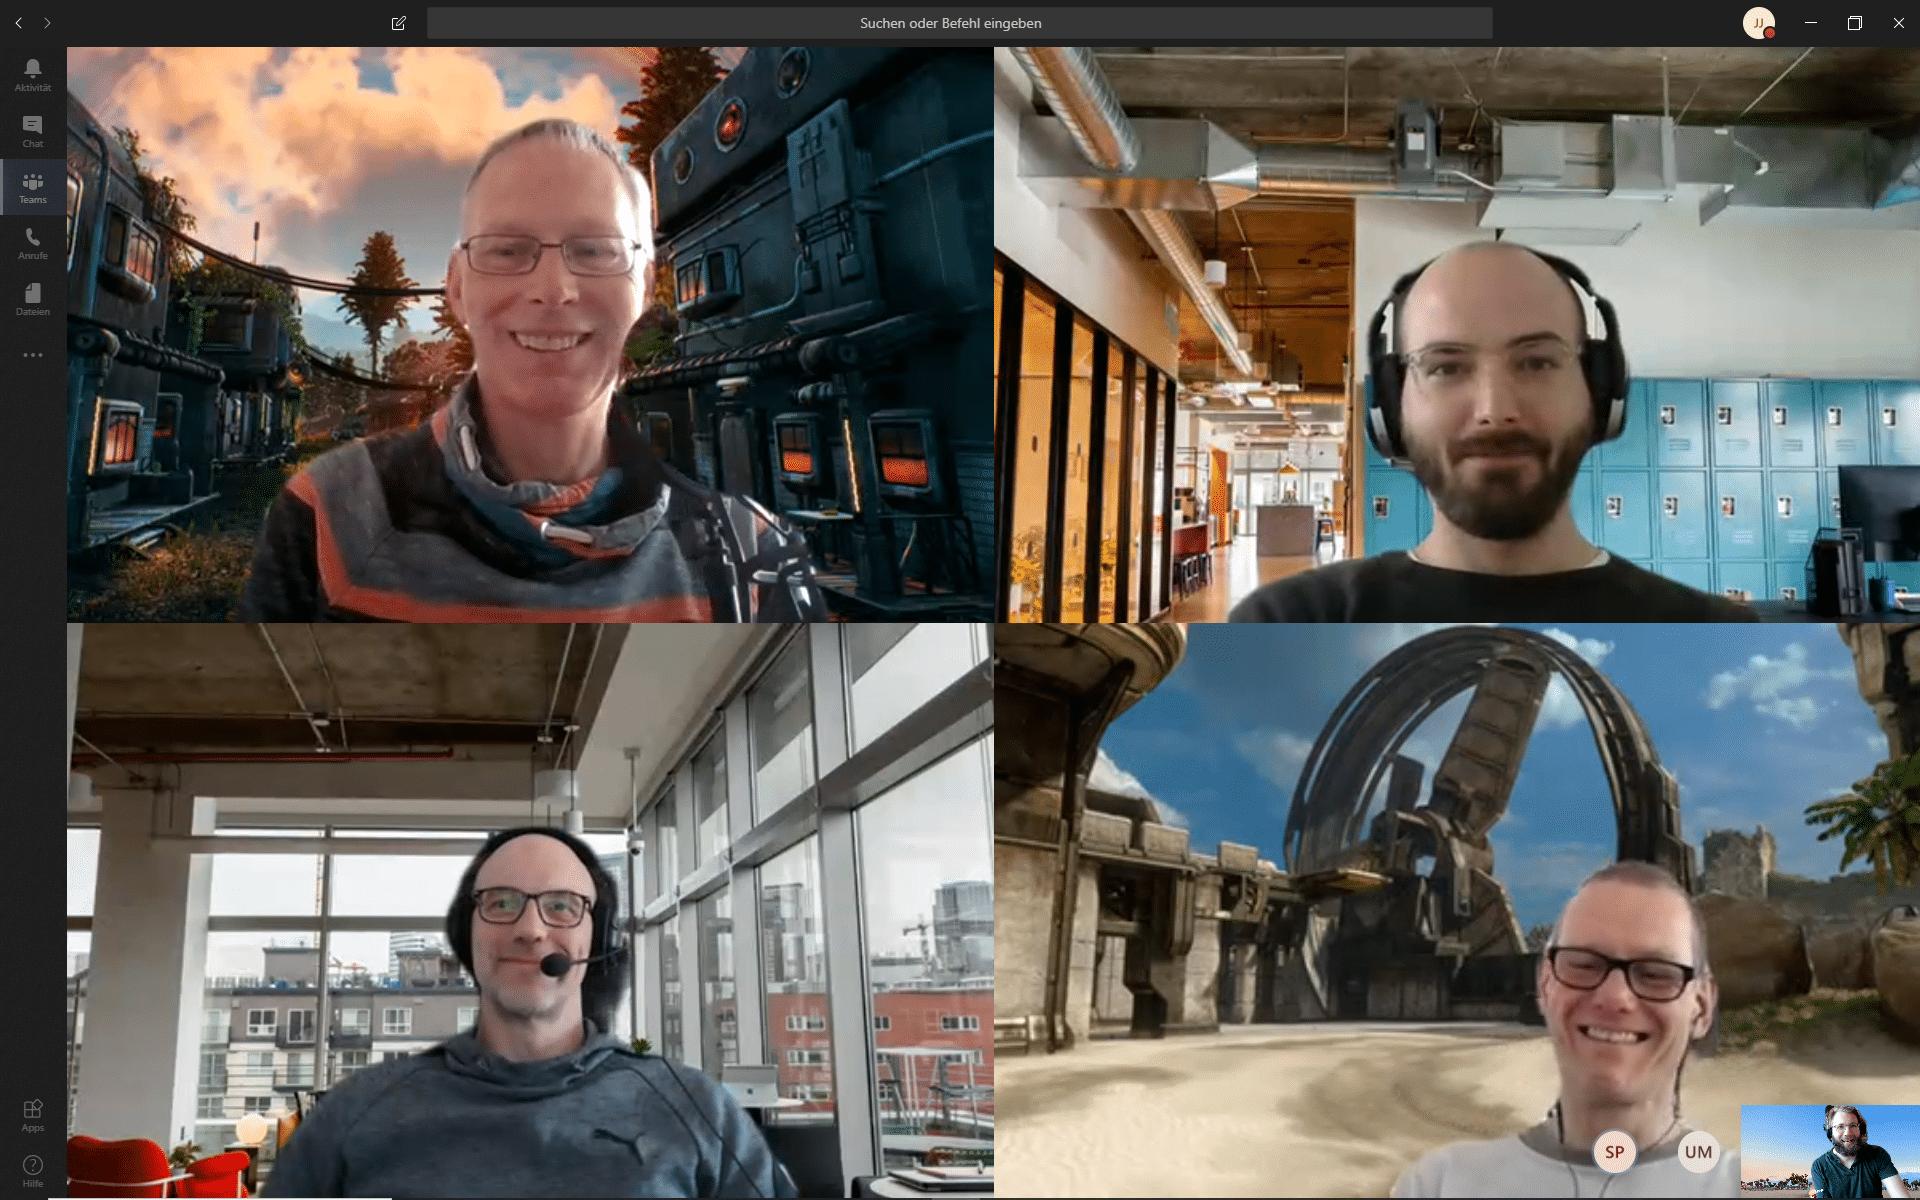 Optische Auflockerung: Seit Kurzem beherrscht Microsoft Teams virtuelle Hintergründe in Videochats.